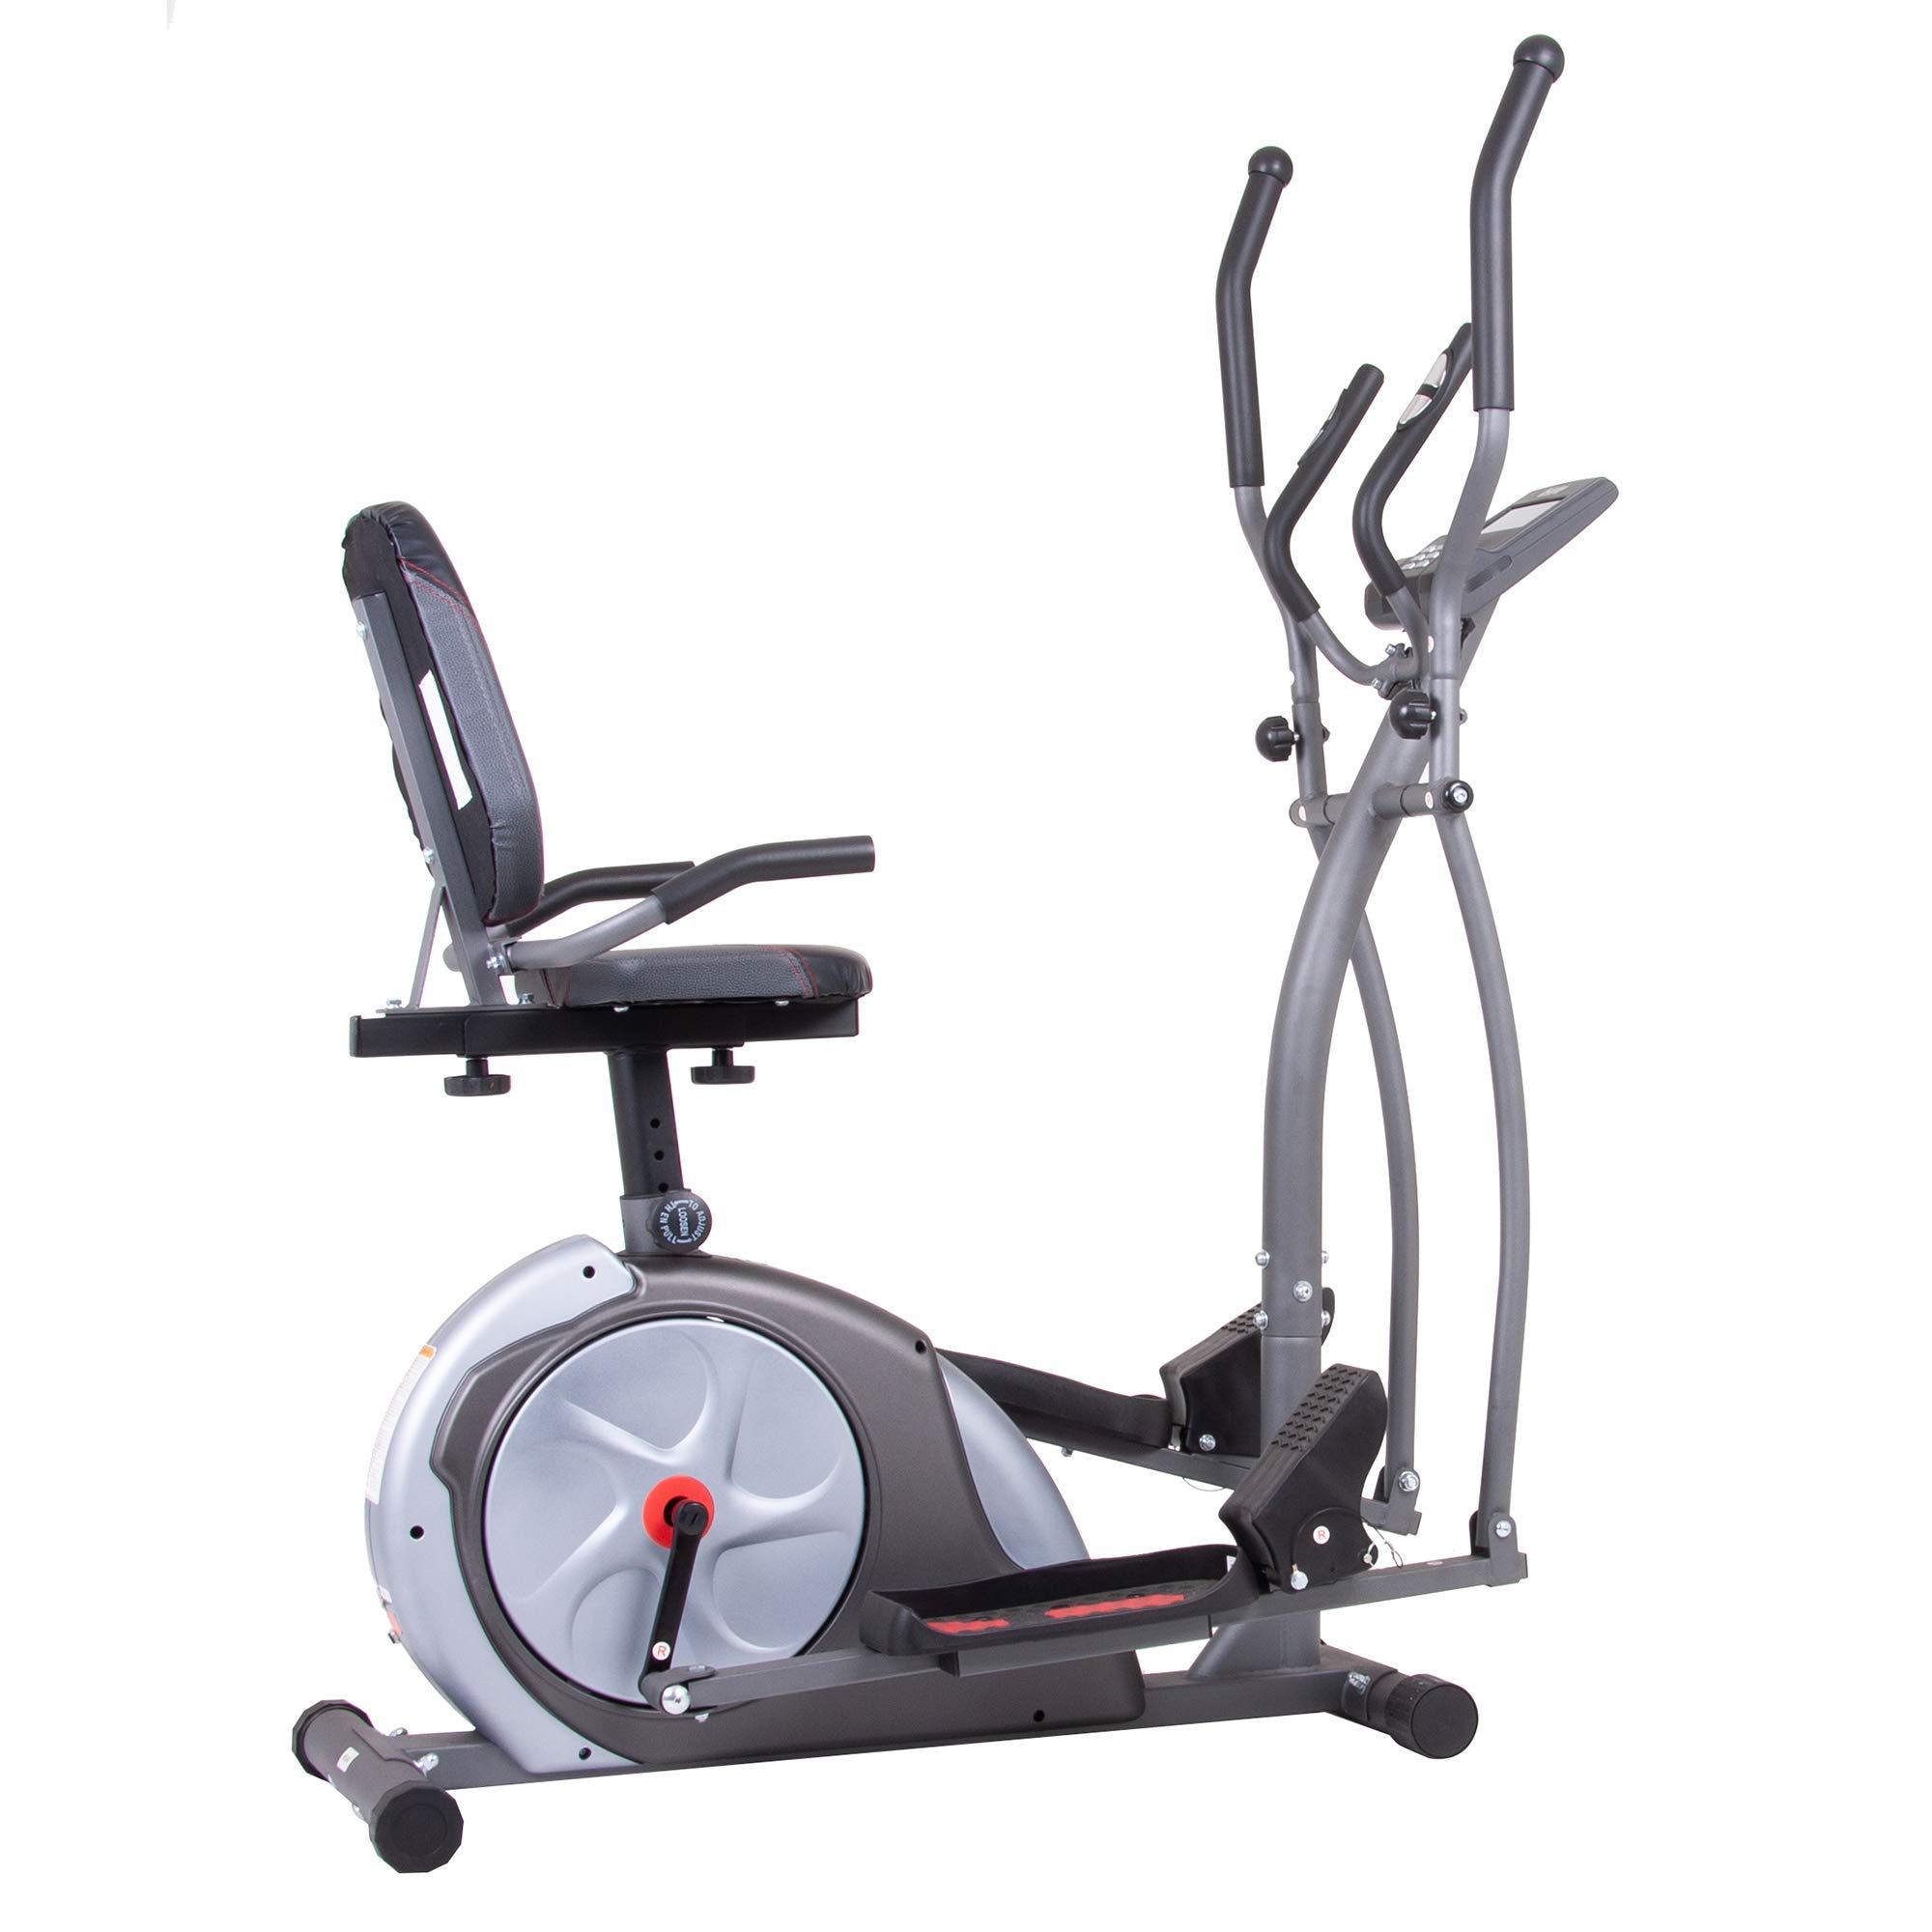 Body Rider BRT5800 3-in-1 Trio Trainer Workout Machine, Black/Gray/Silver/Red